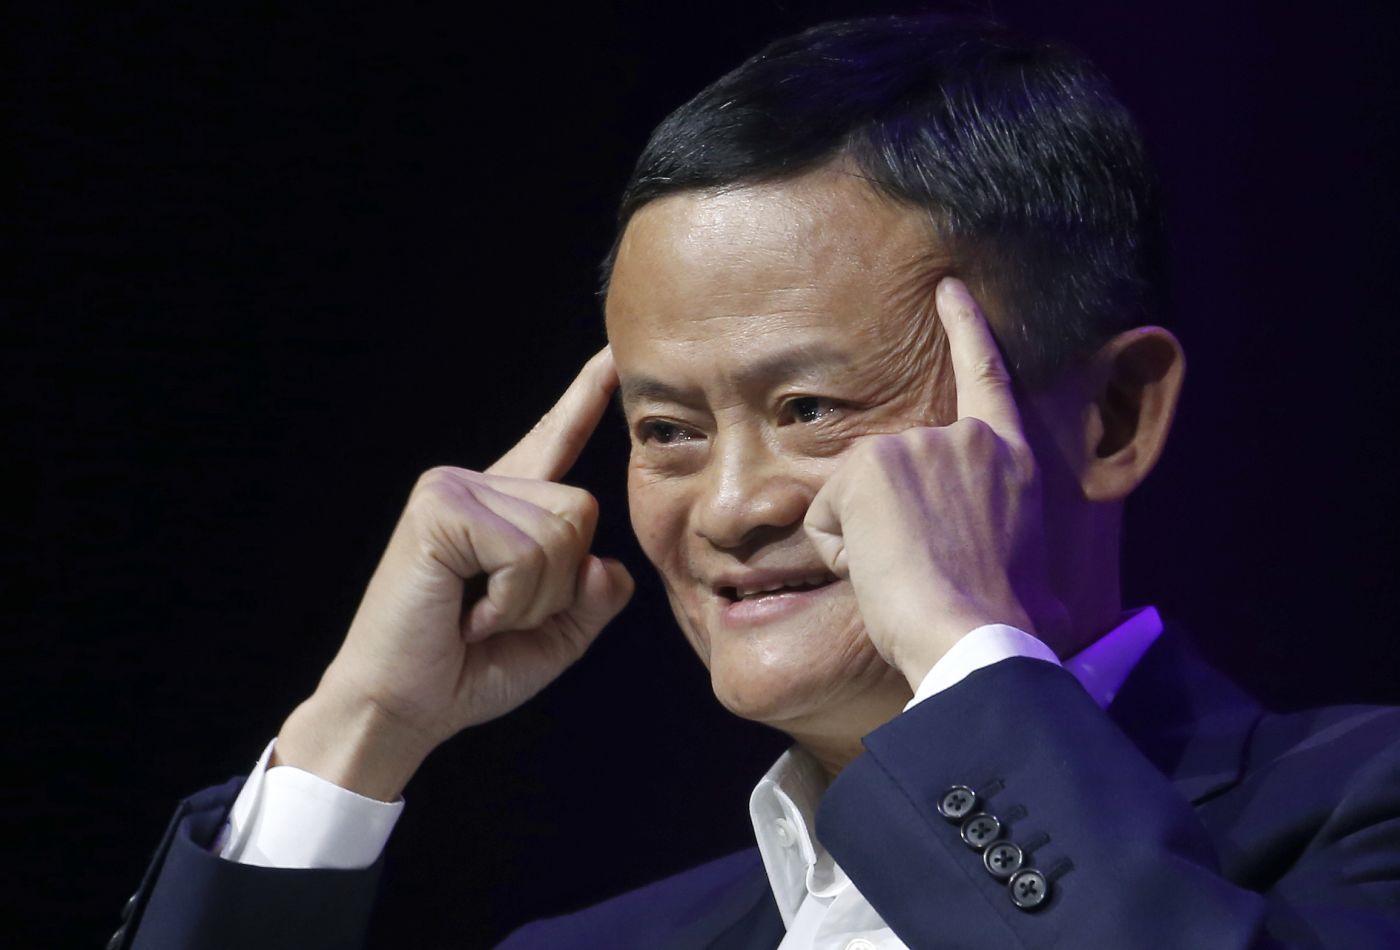 Công việc đầu tiên của chủ Alibaba Jack Ma là giáo viên tiếng Anh tại thành phố Hàng Châu, Trung Quốc. Sau khi nghỉ hưu, ông tuyên bố muốn quay lại làm thầy giáo và dành thêm 15 năm nữa cho lĩnh vực giáo dục. Hiện ông Jack sở hữu 41,1 tỉ USD. Ảnh: ST